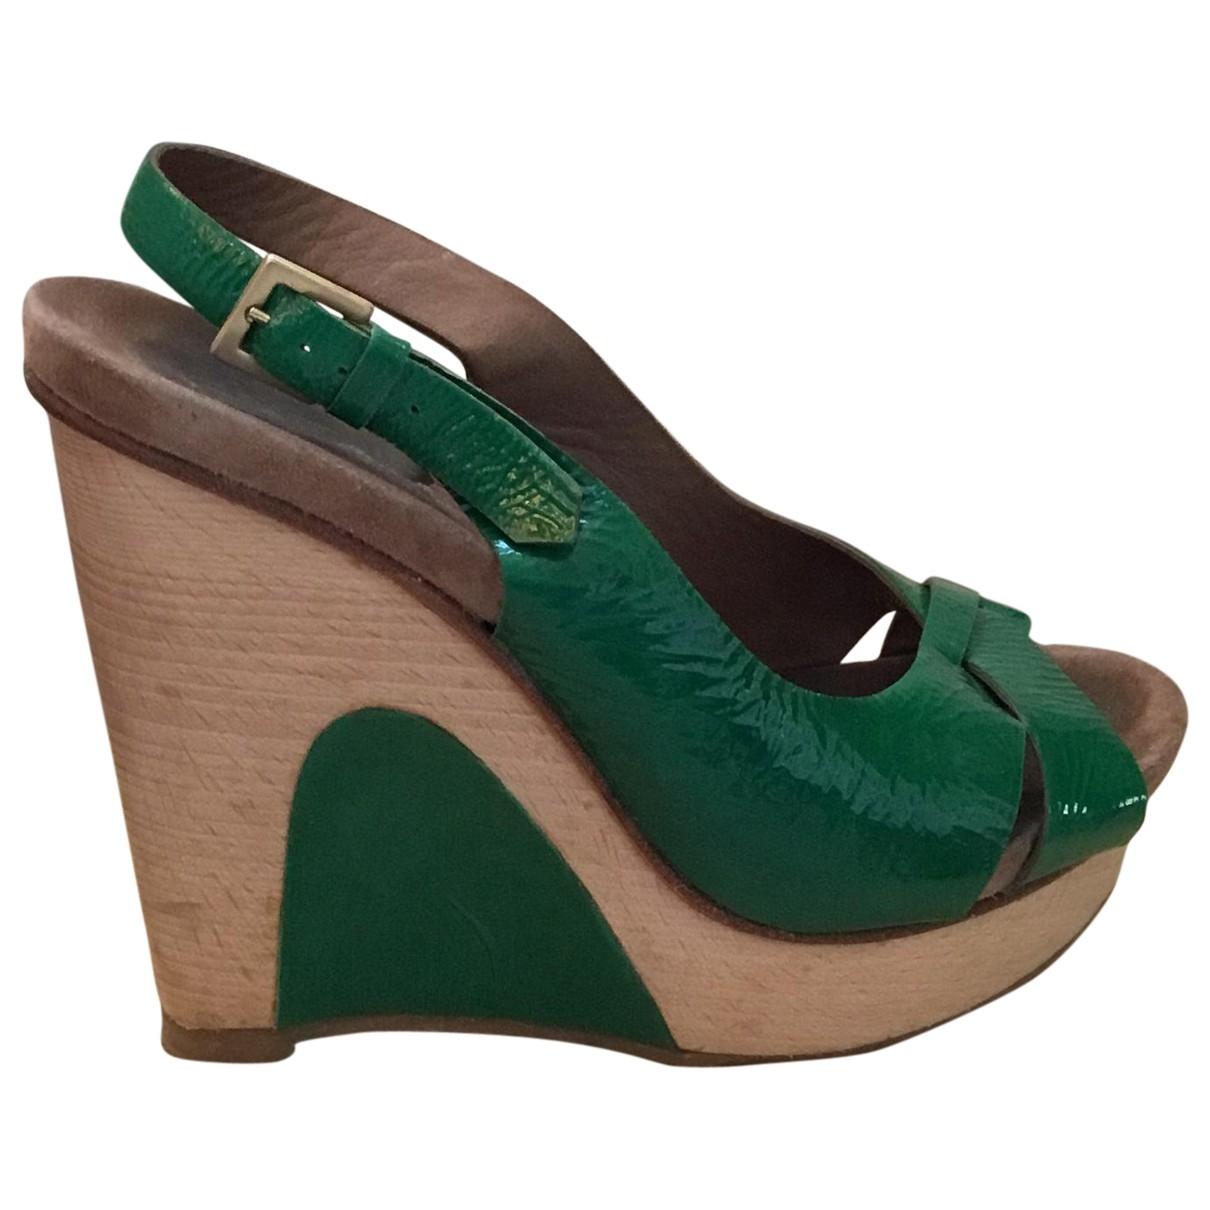 Yiqing Yin \N Green Patent leather Mules & Clogs for Women 37 EU